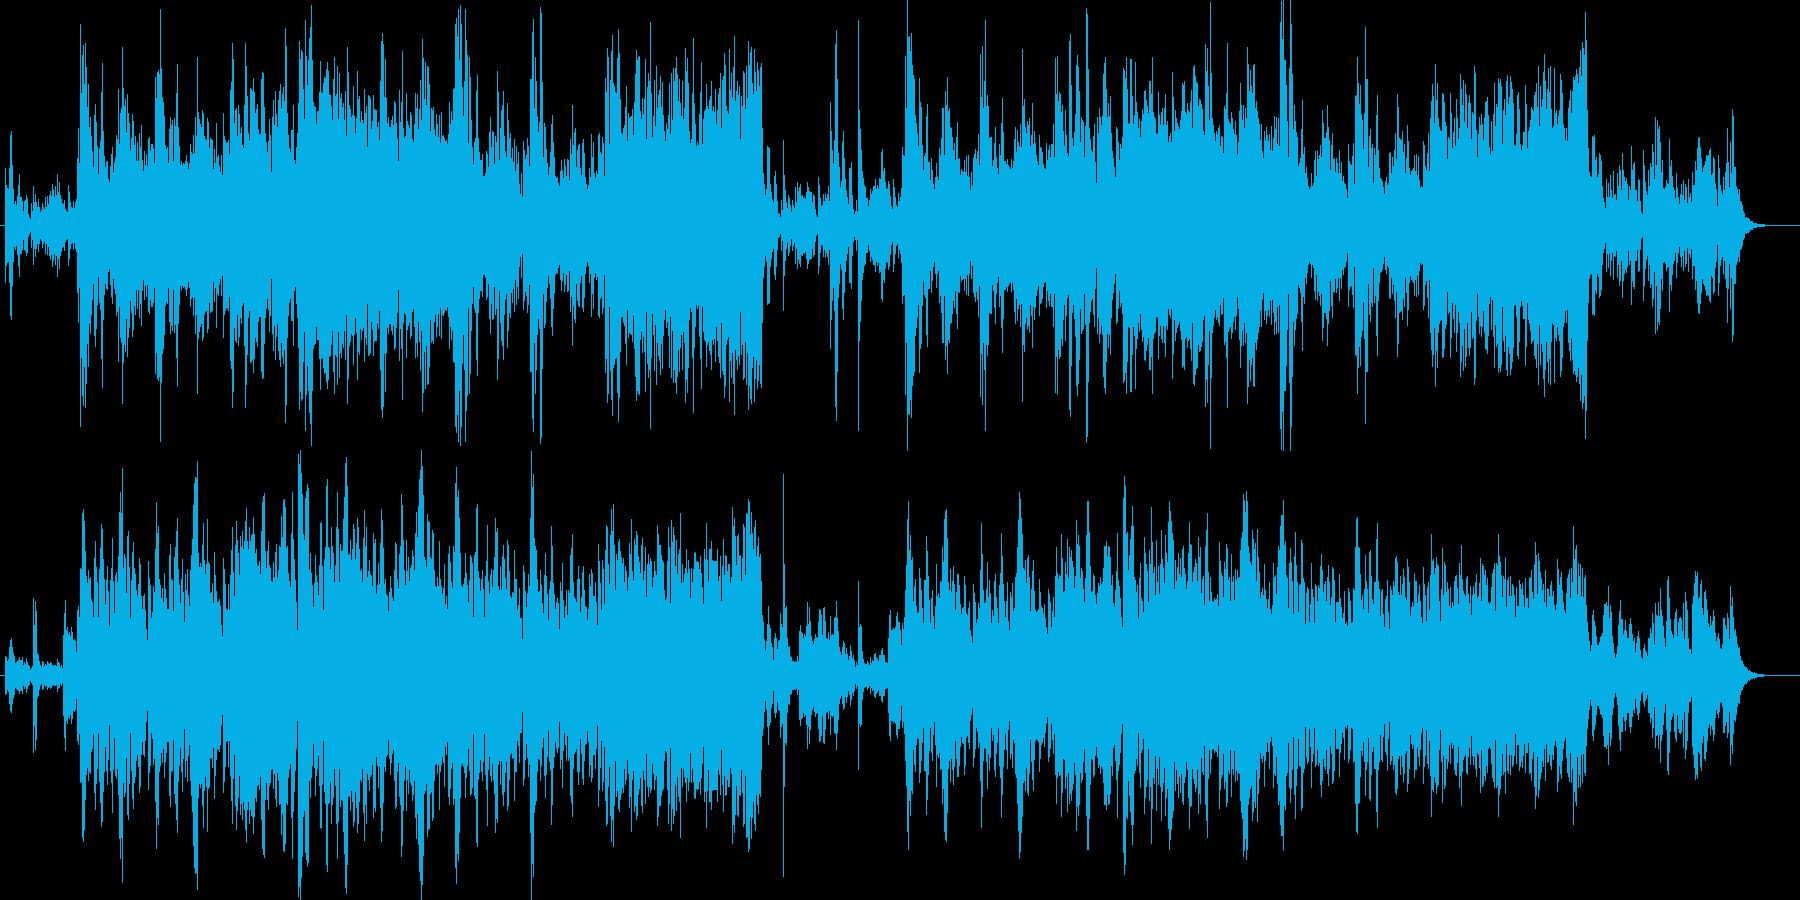 戦闘曲の再生済みの波形